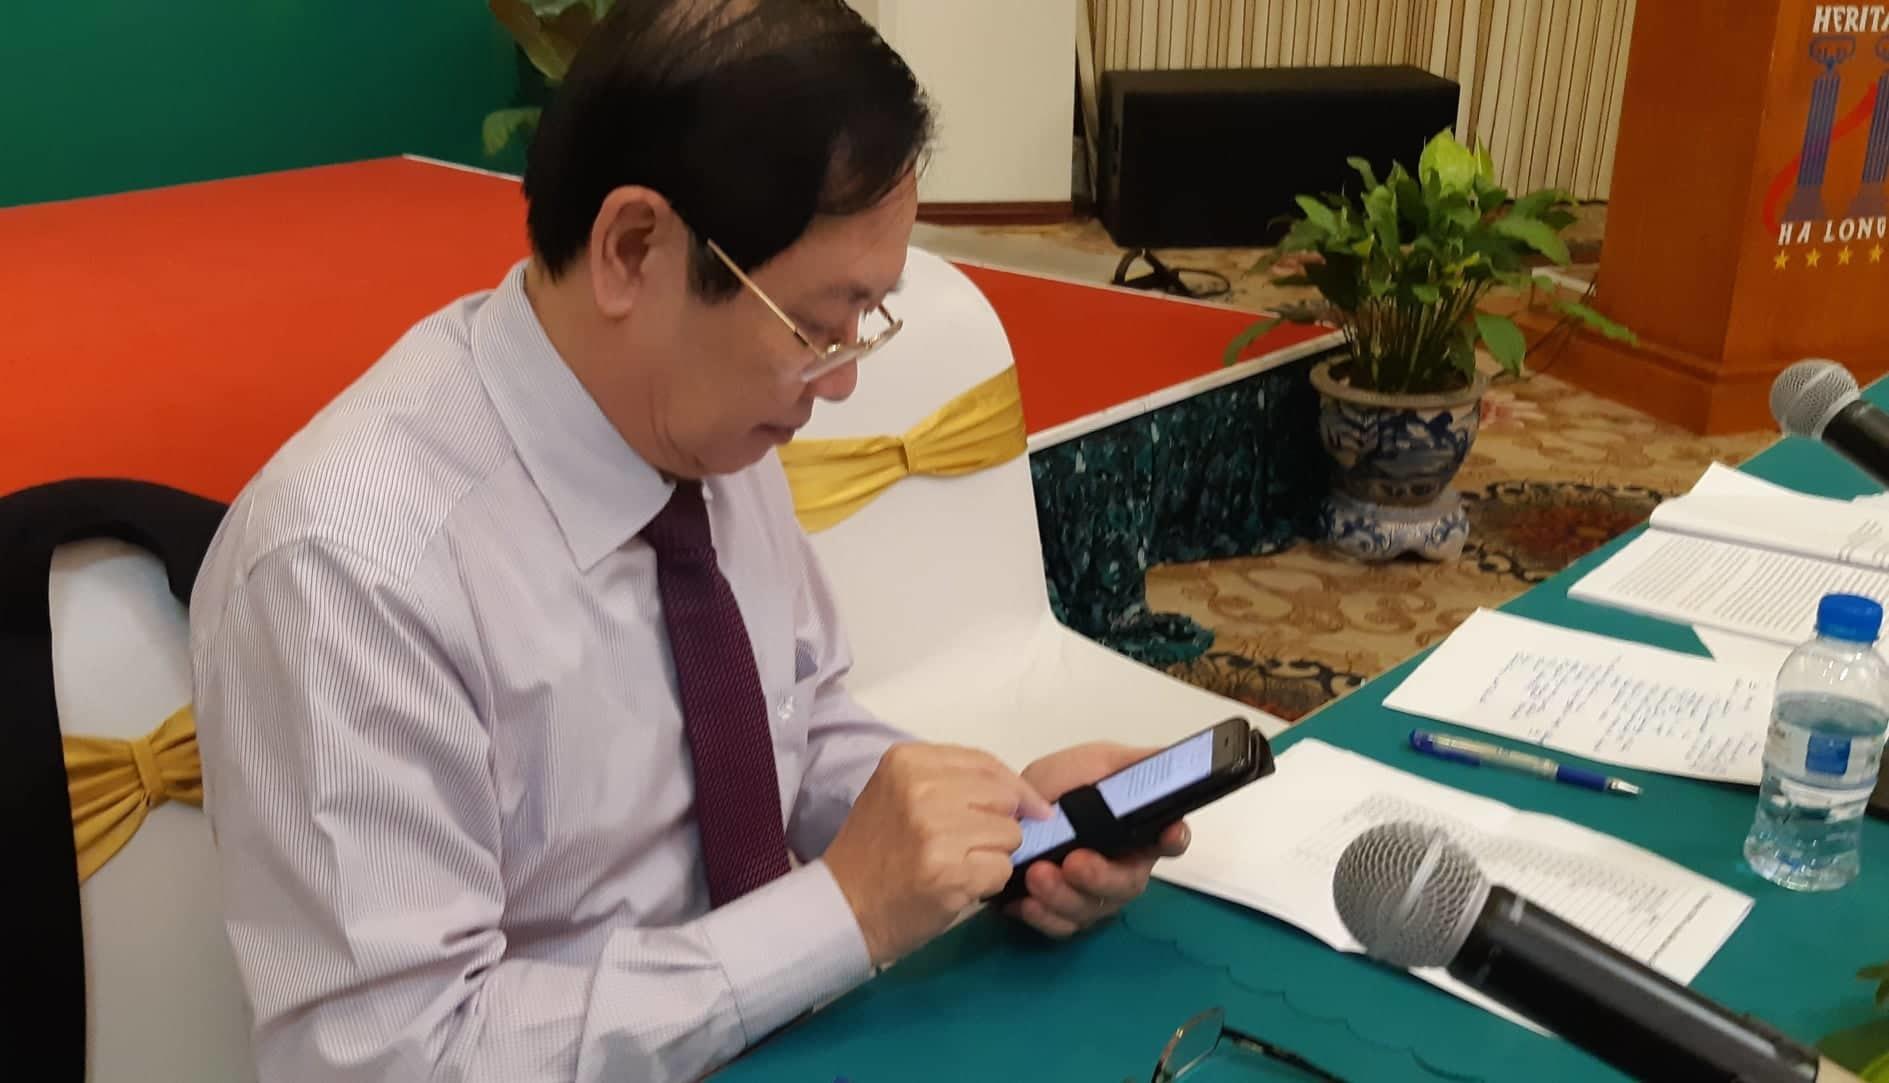 Bộ trưởng Nội vụ giải thích lý do tạm dừng sáp nhập sở